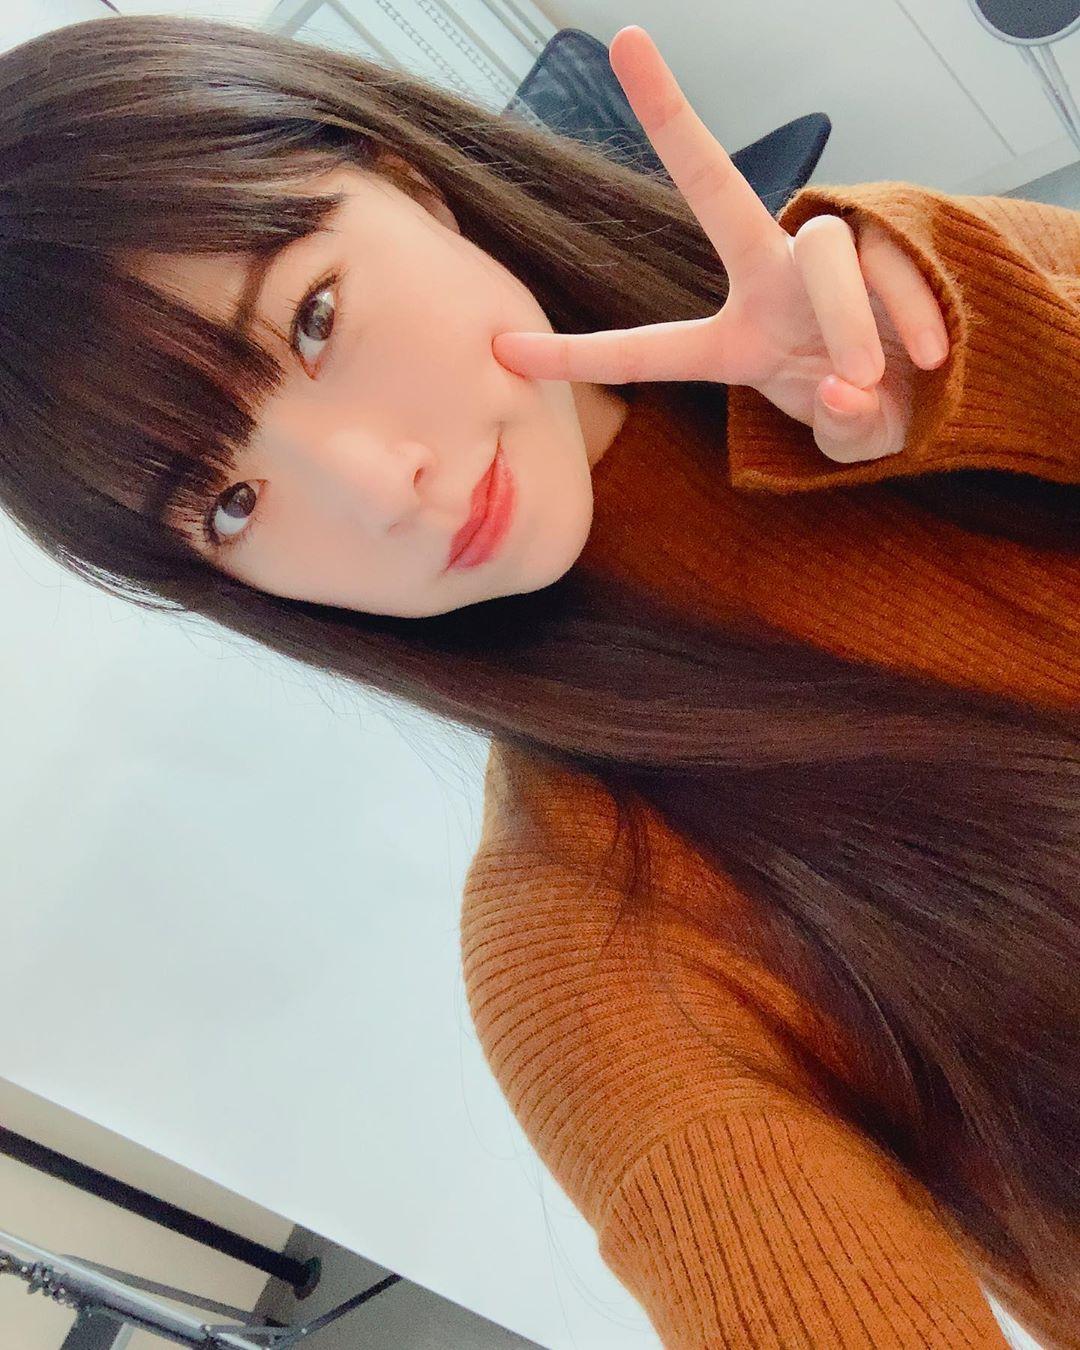 oda_asuka045.jpg